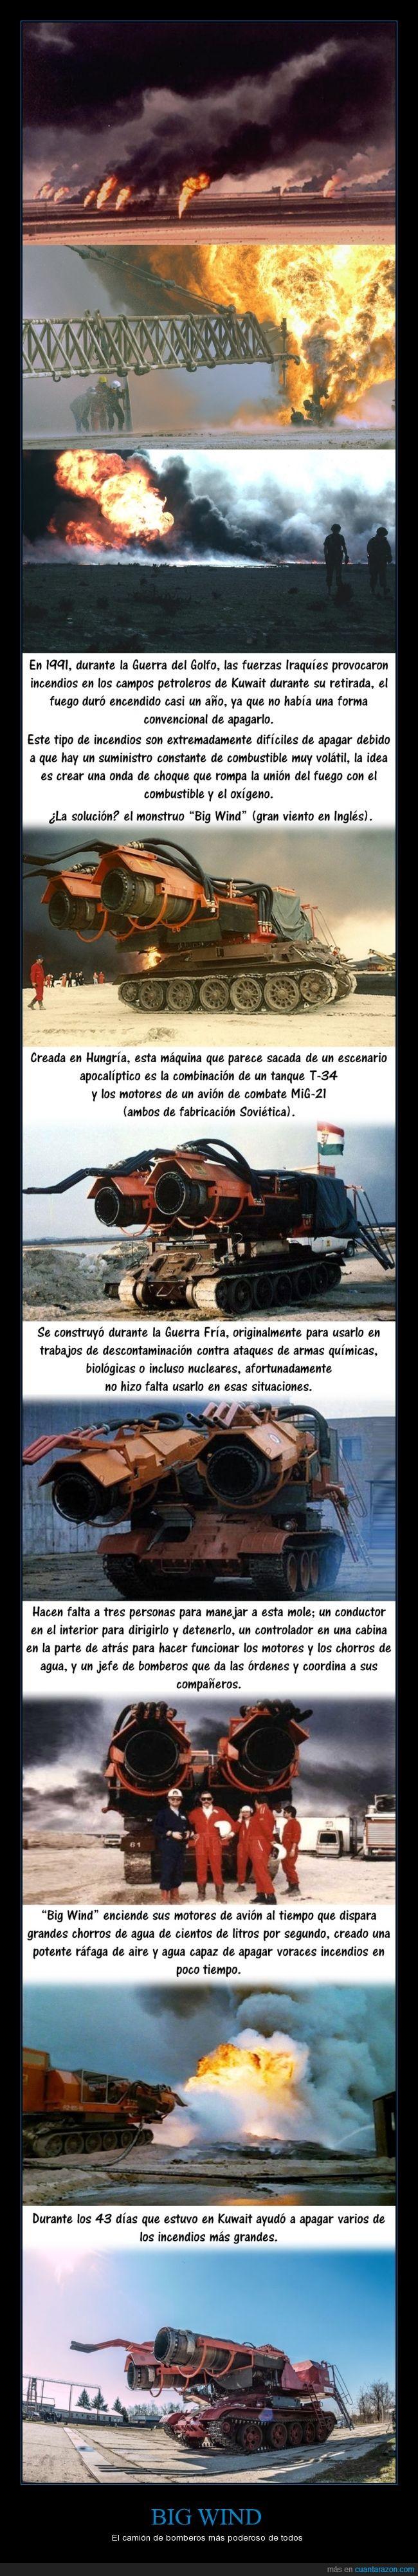 1991,avión,bomberos,fuego,guerra,Guerra del Golfo,Guerra Fría,historia,Hungría,incendio,invento,Irak,Iraq,Kuwait,like a boss,Mad Max,máquina,medio oriente,mole,motor,petróleo,poderoso,potencia,tanque,Unión Soviética,URSS